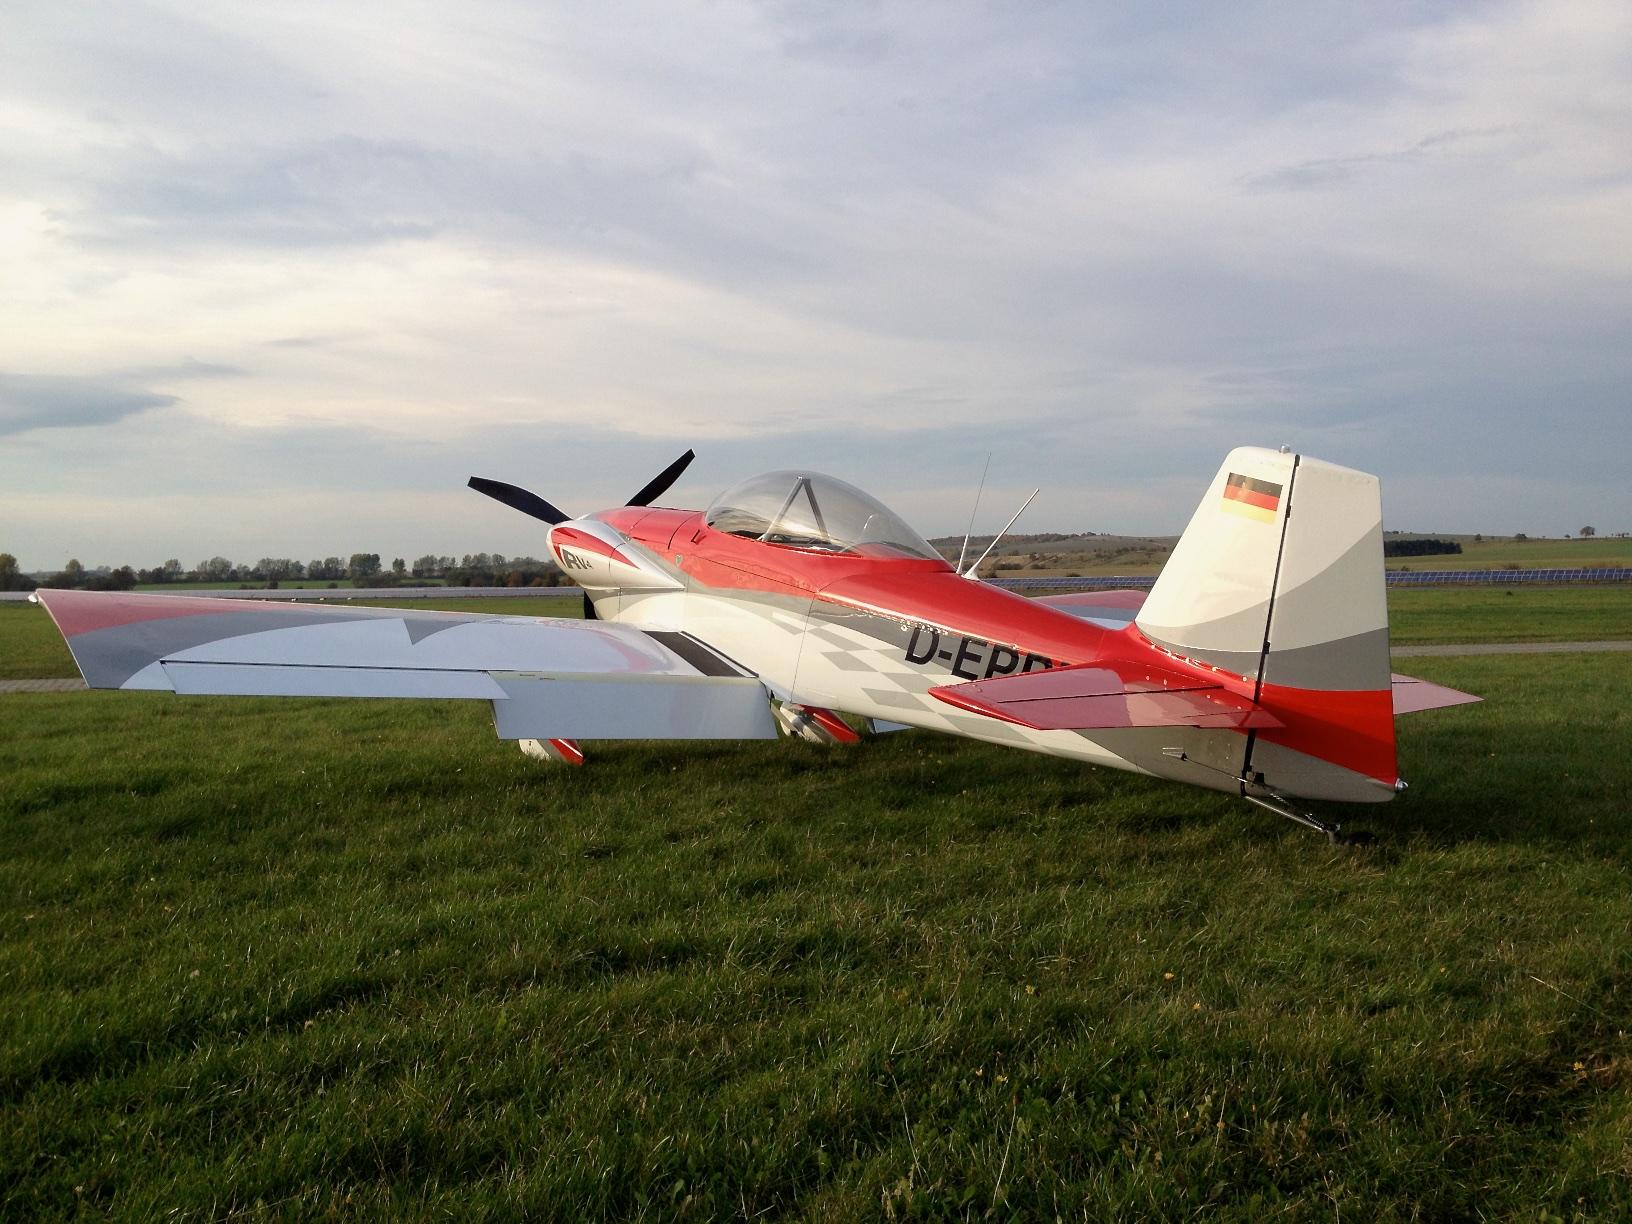 LAPL (A) – EASA Pilotenschein für Leichtflugzeuge